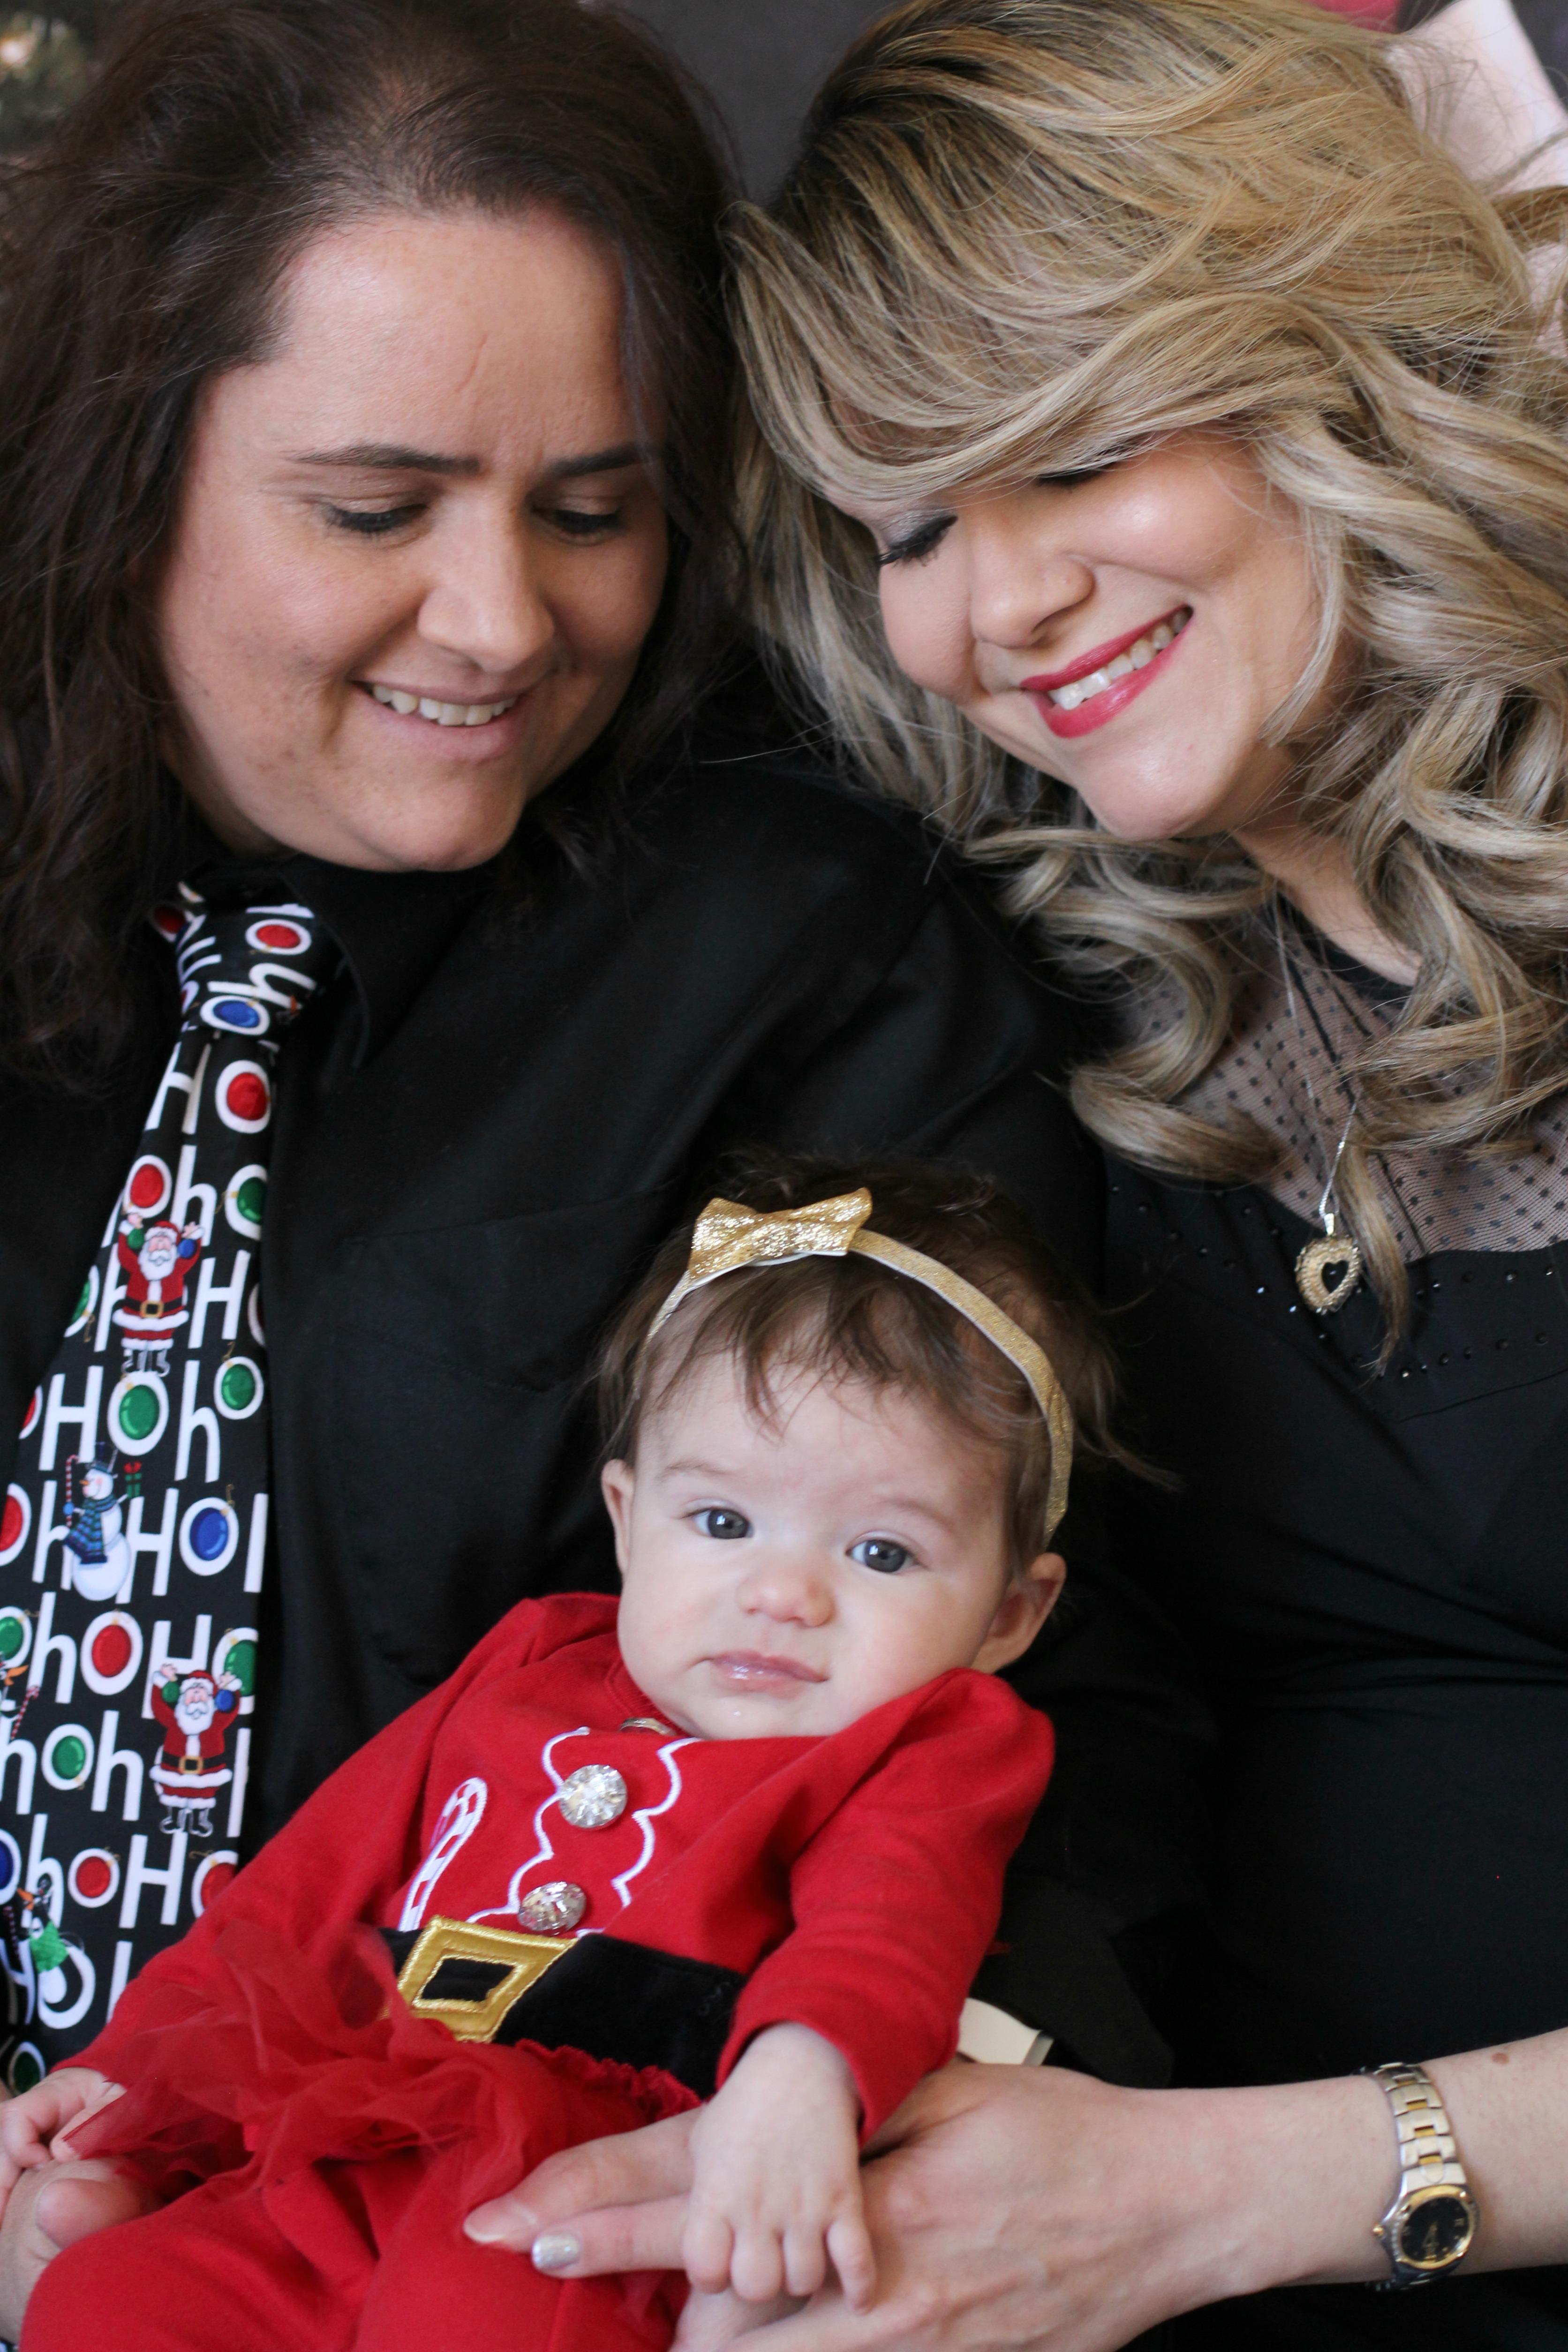 Stefanie & Lisa, with Alyssa